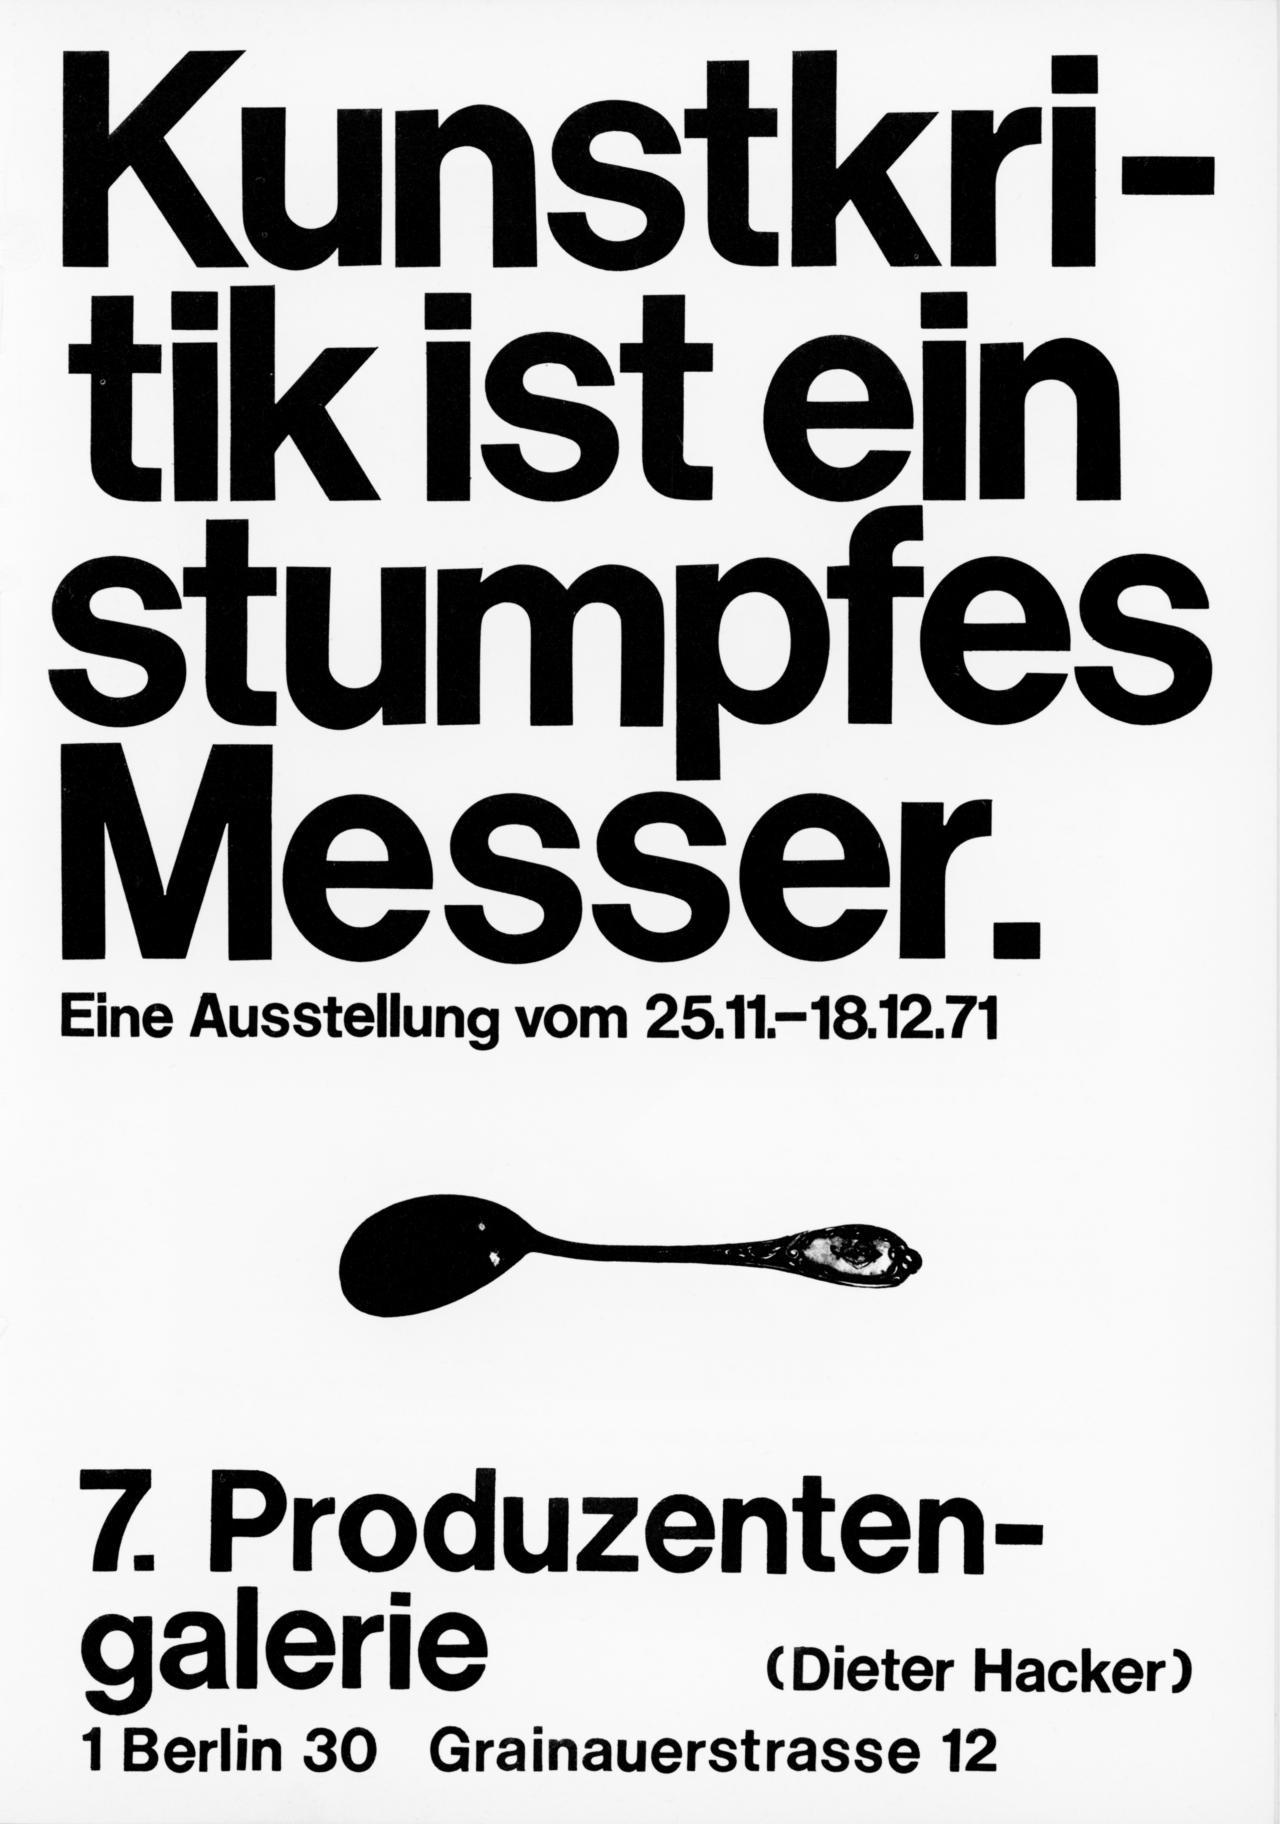 Plakat mit Text: Kunstkritik ist ein stumpfes Messer